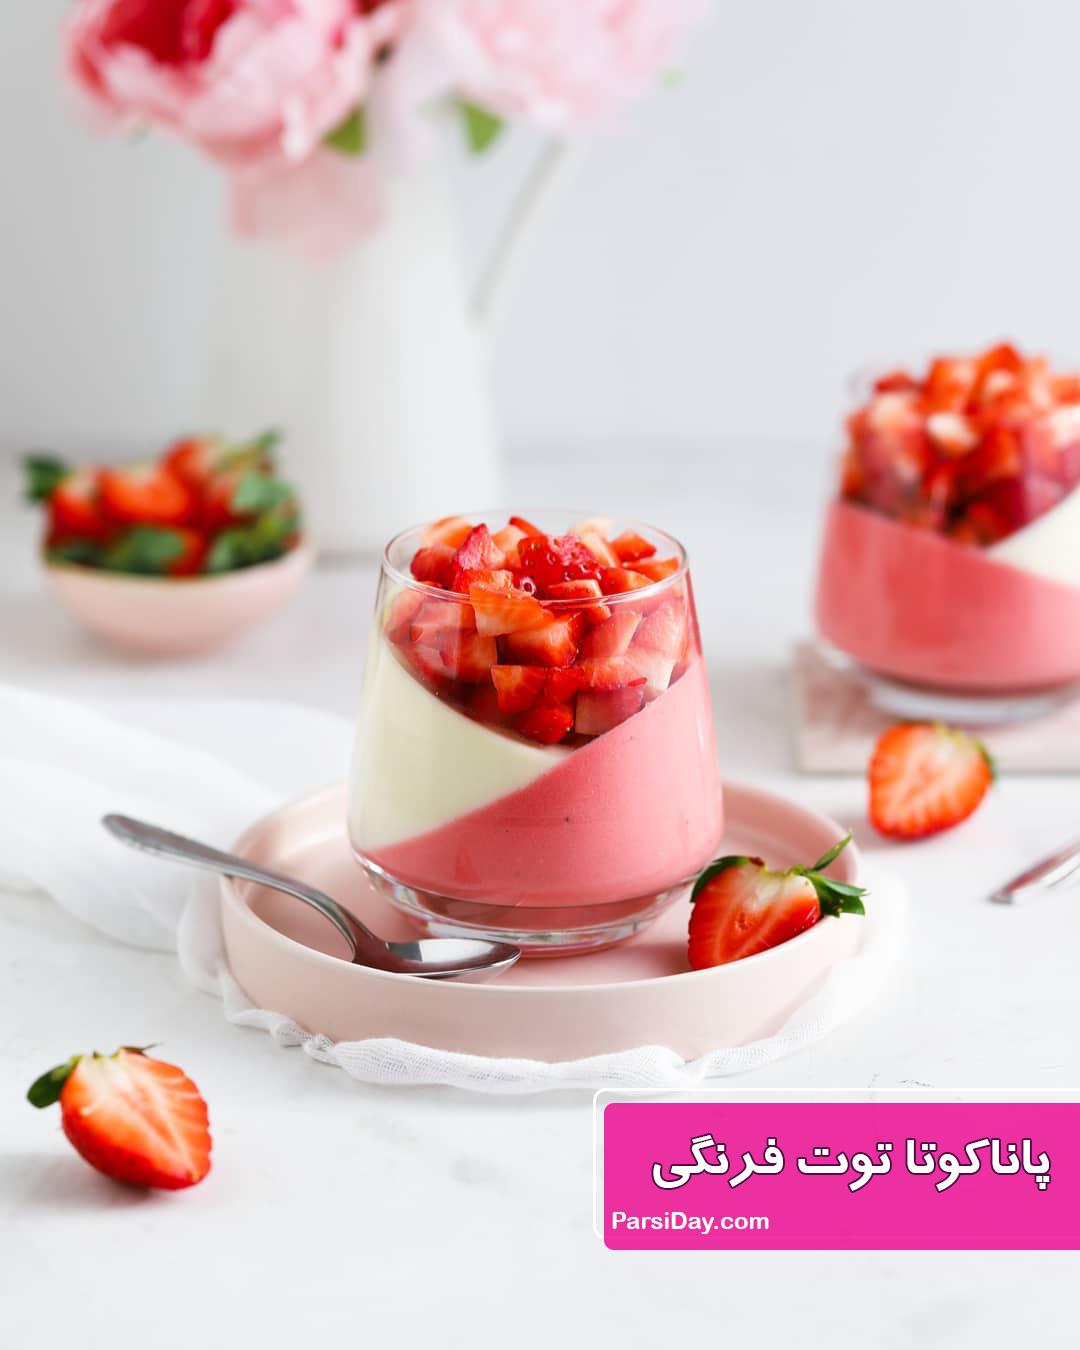 طرز تهیه پاناکوتا توت فرنگی خوشمزه و مجلسی با شیر و خامه